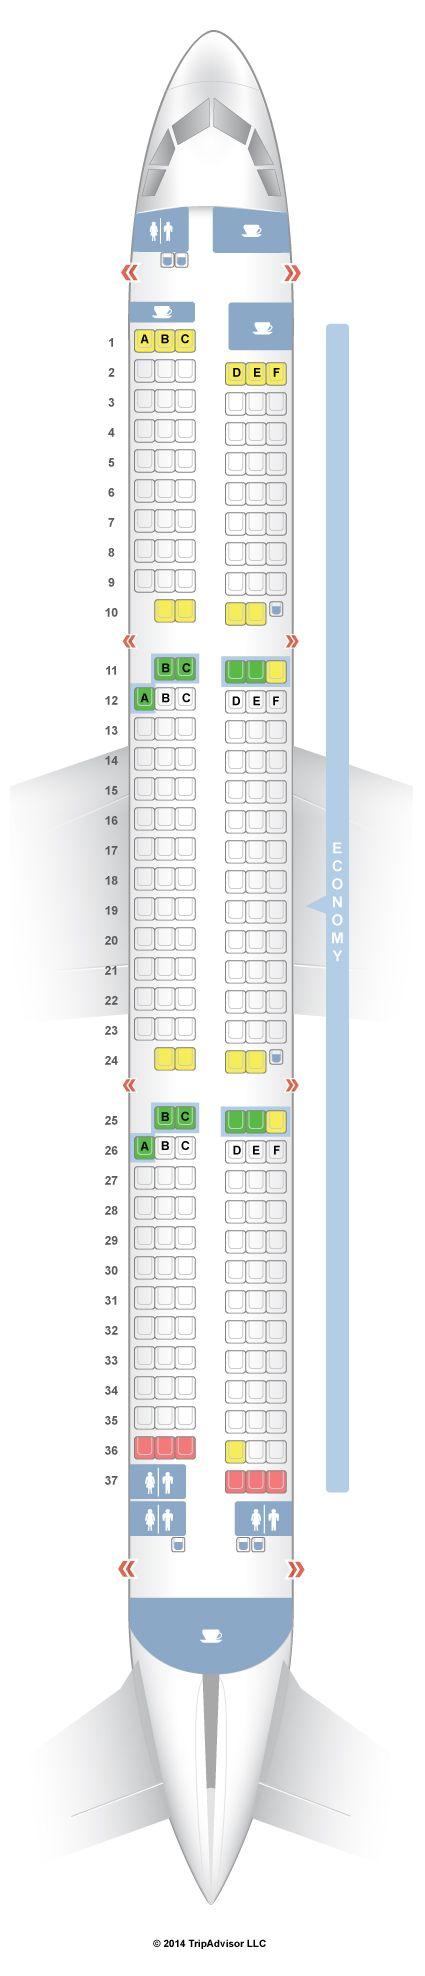 SeatGuru Seat Map airberlin Airbus A321 (321) - SeatGuru